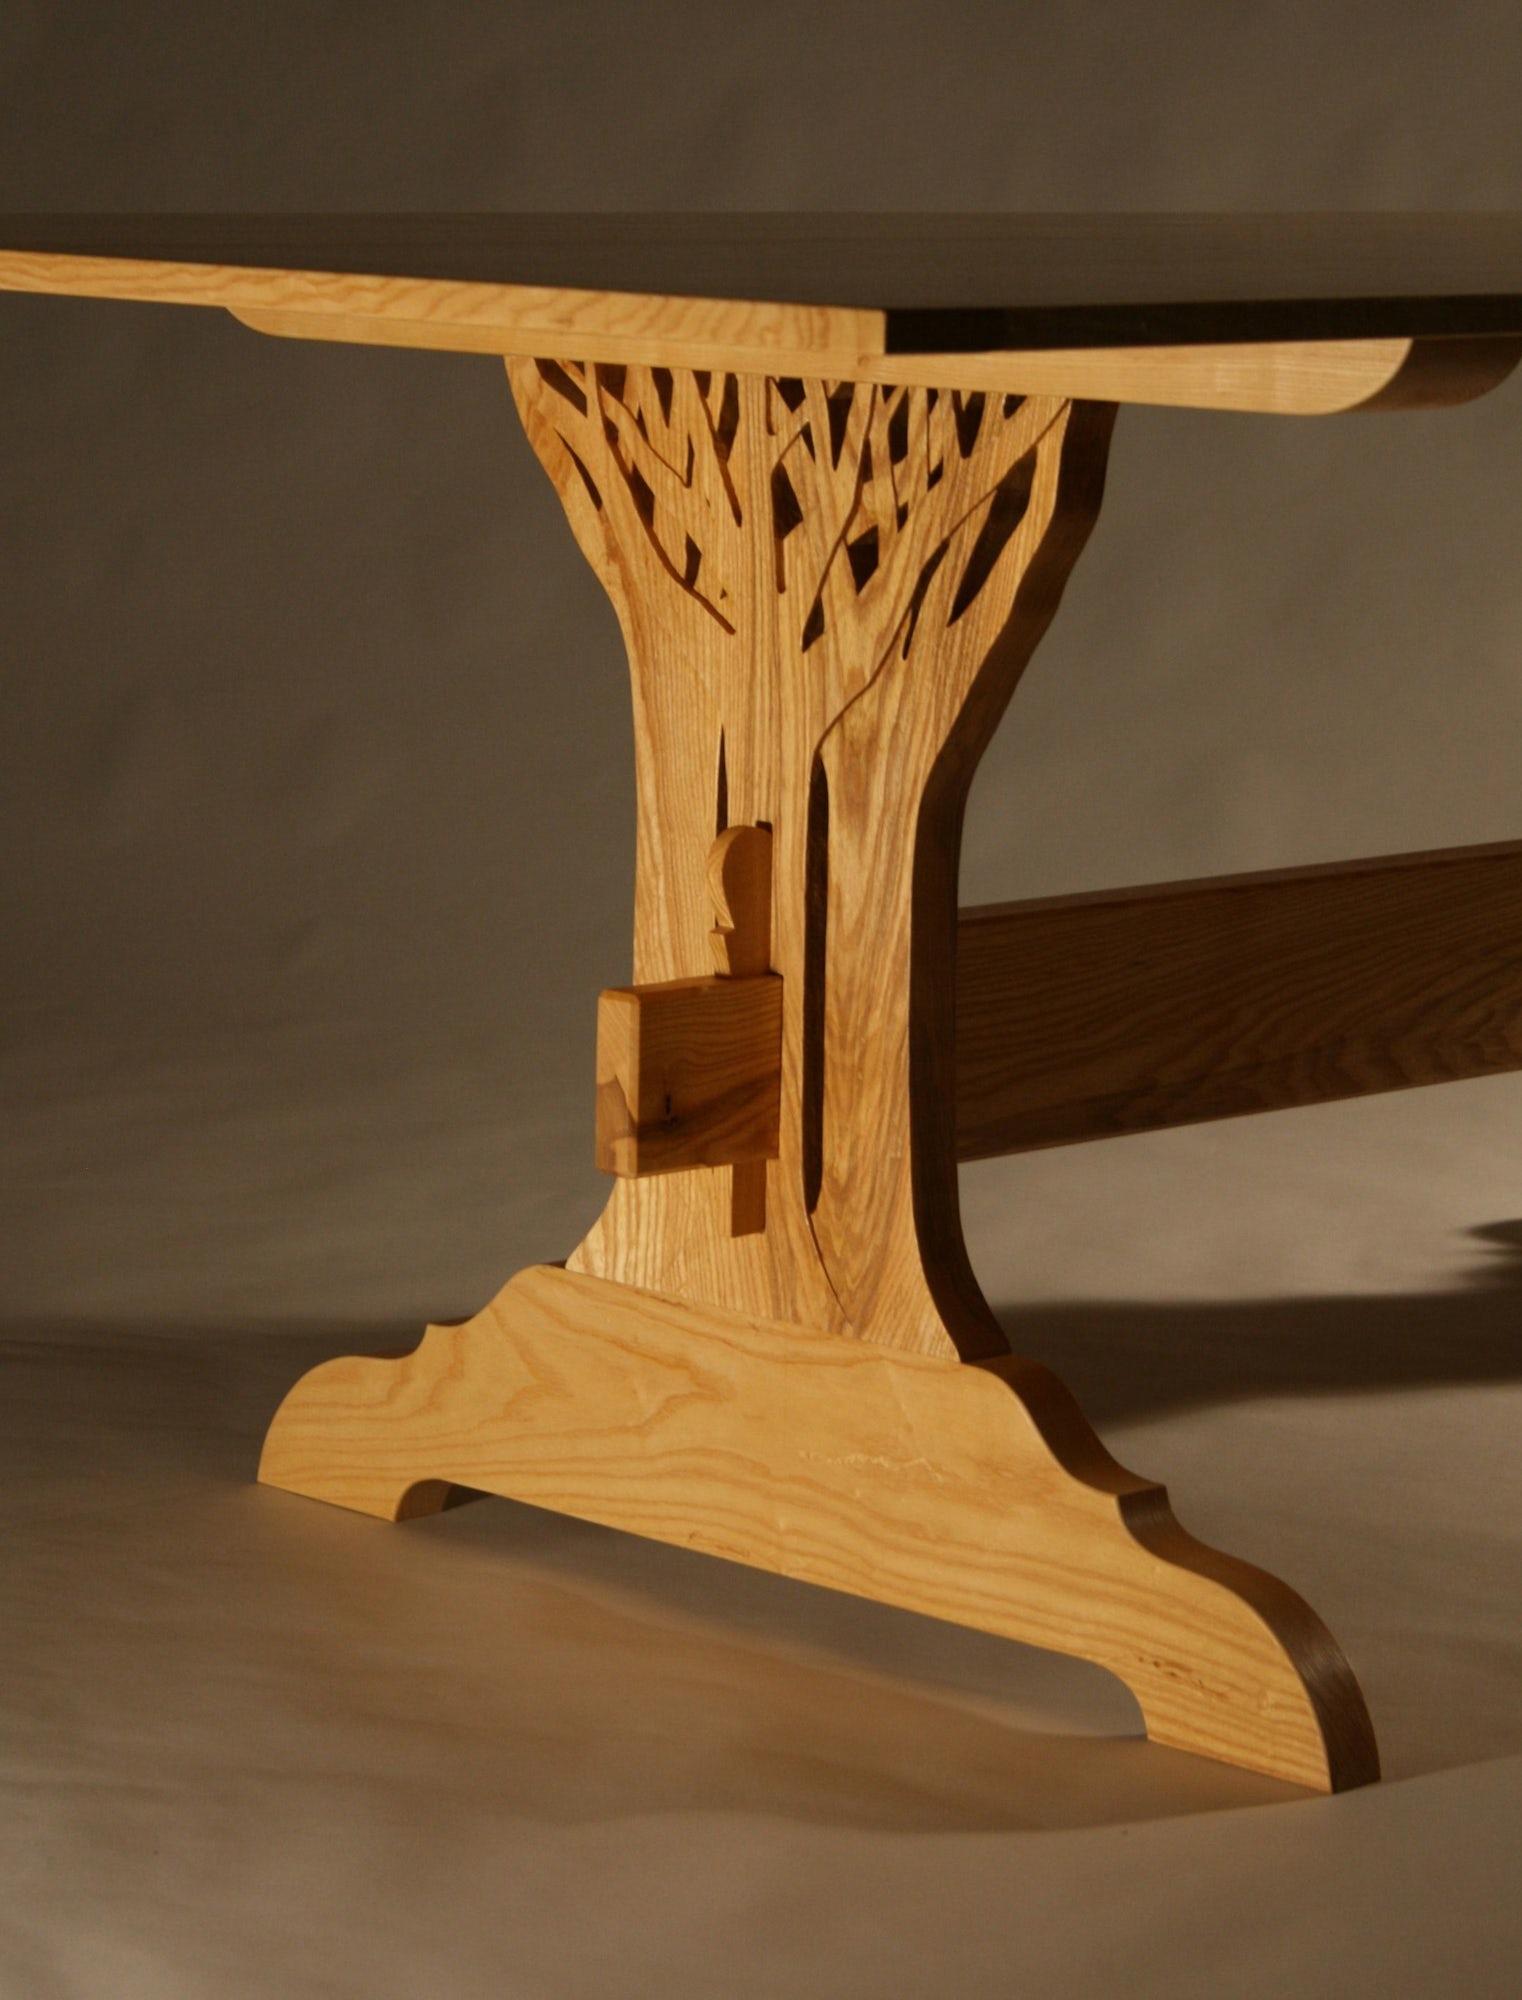 Tree Trestle Table Leg Detail